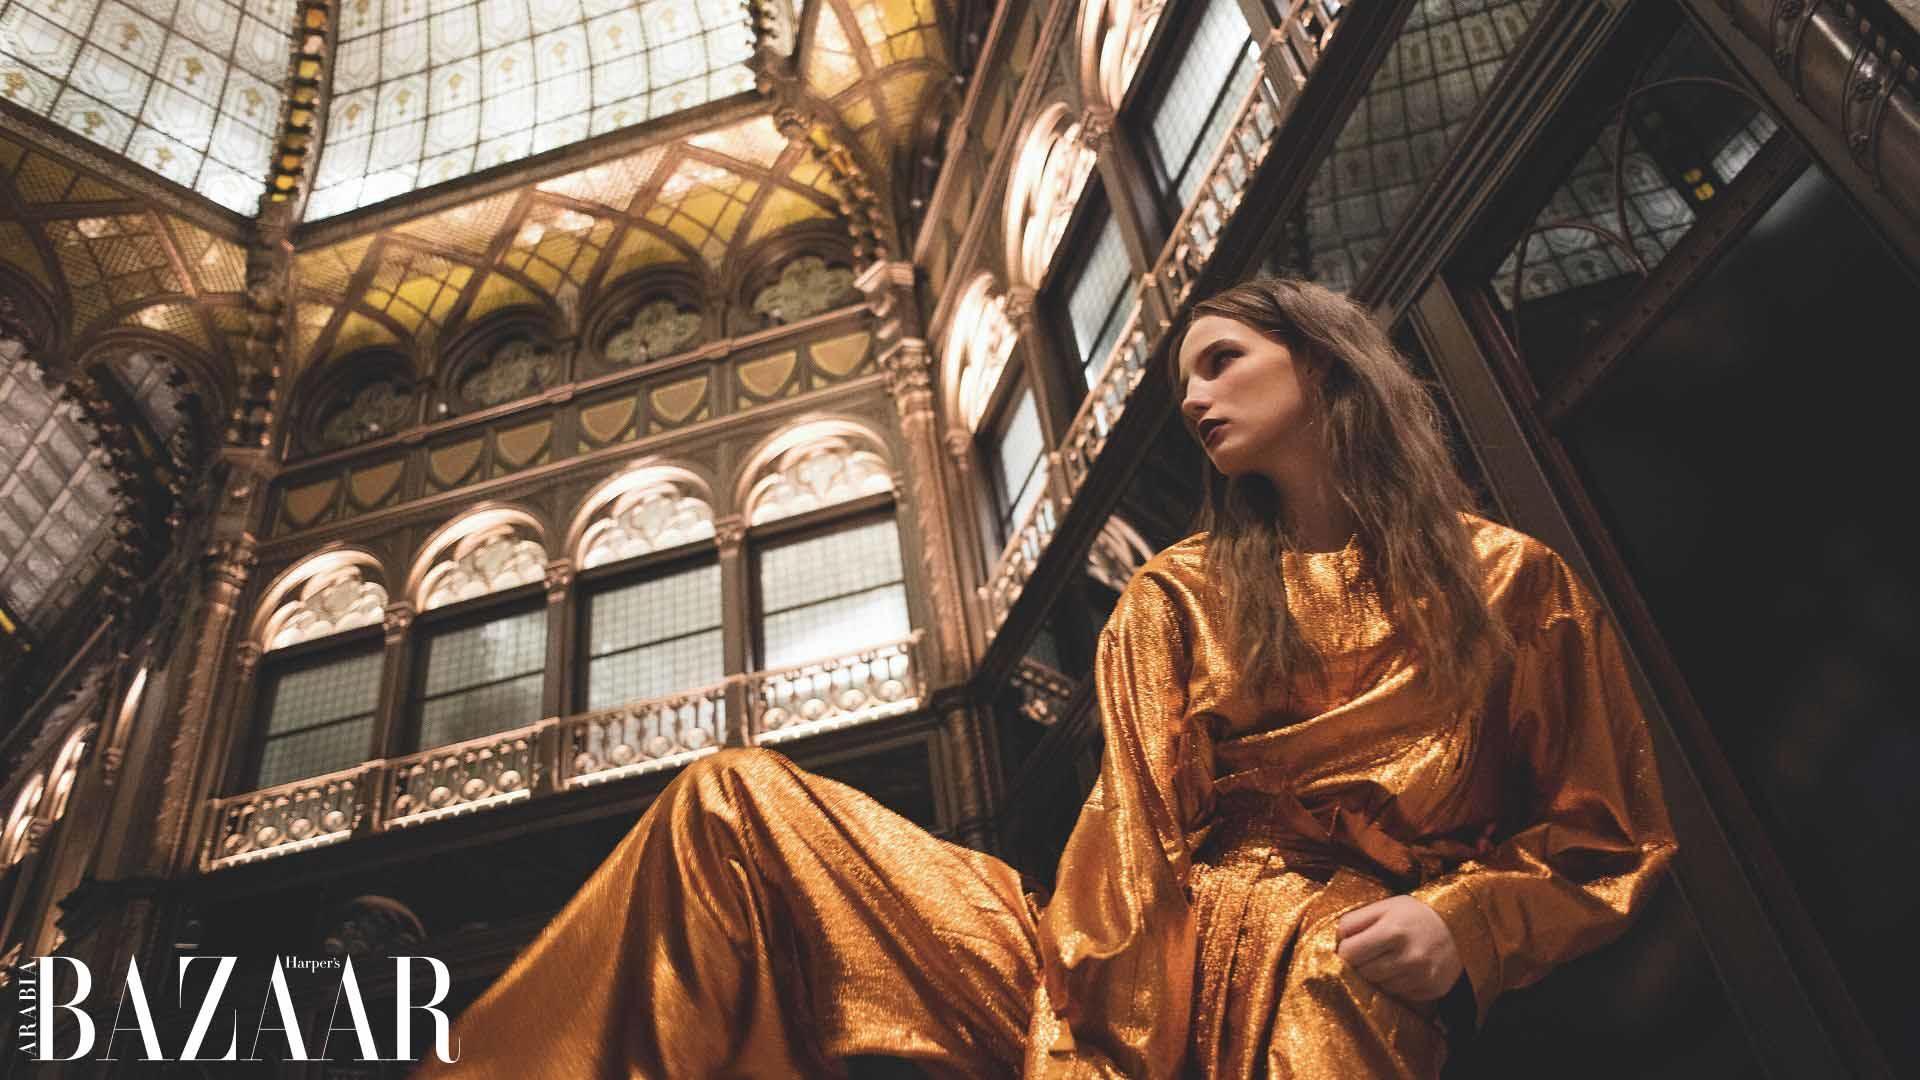 Inside BAZAAR's Budapest Wardrobe